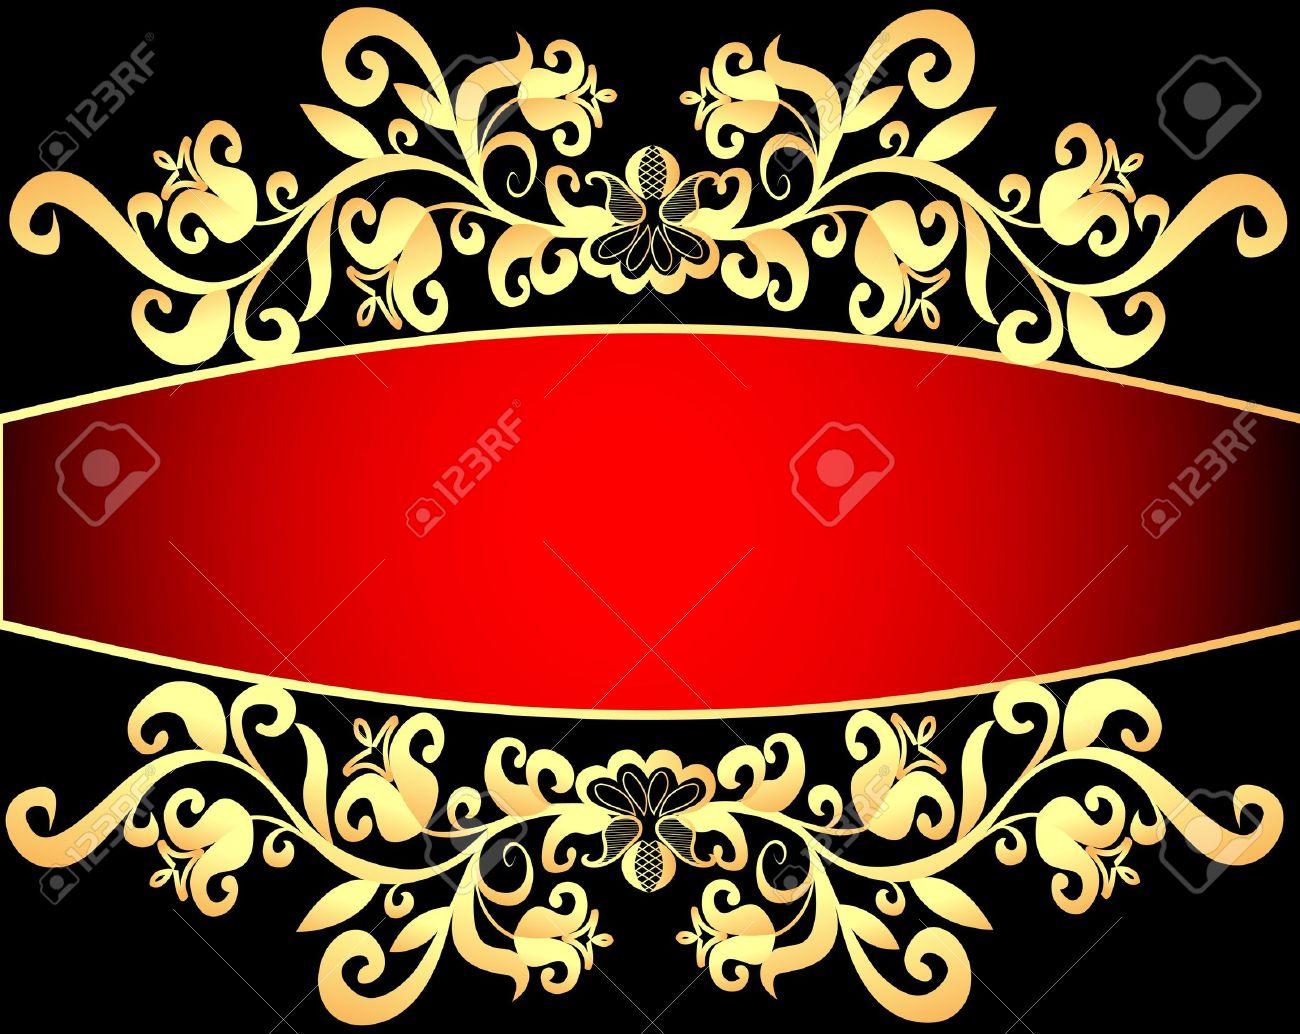 illustration red background frame with vegetable gold(en) pattern Stock Vector - 13550071